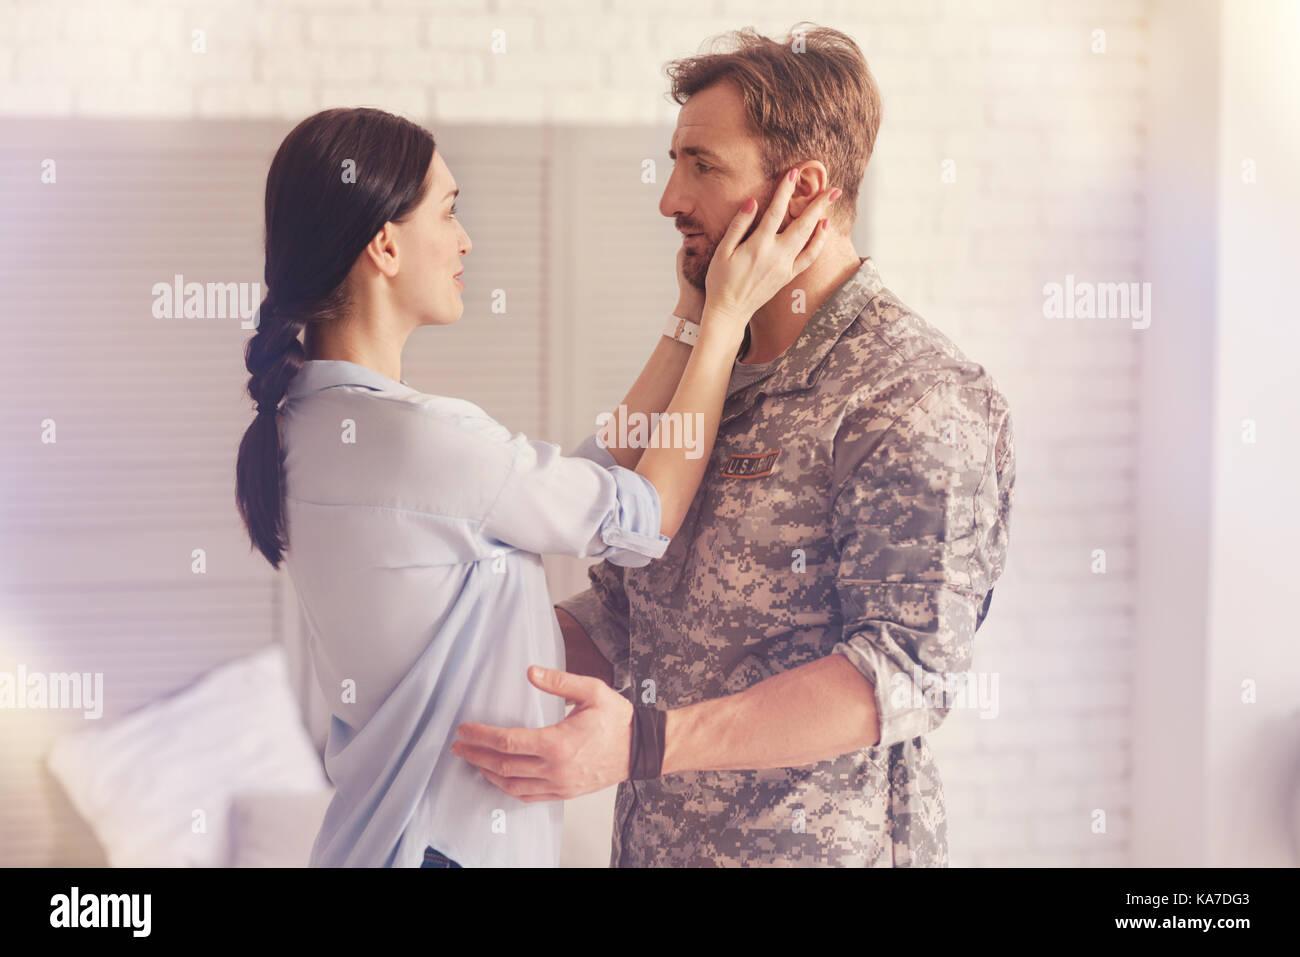 Glückliche Frau an ihrem Ehemann suchen. Stockbild